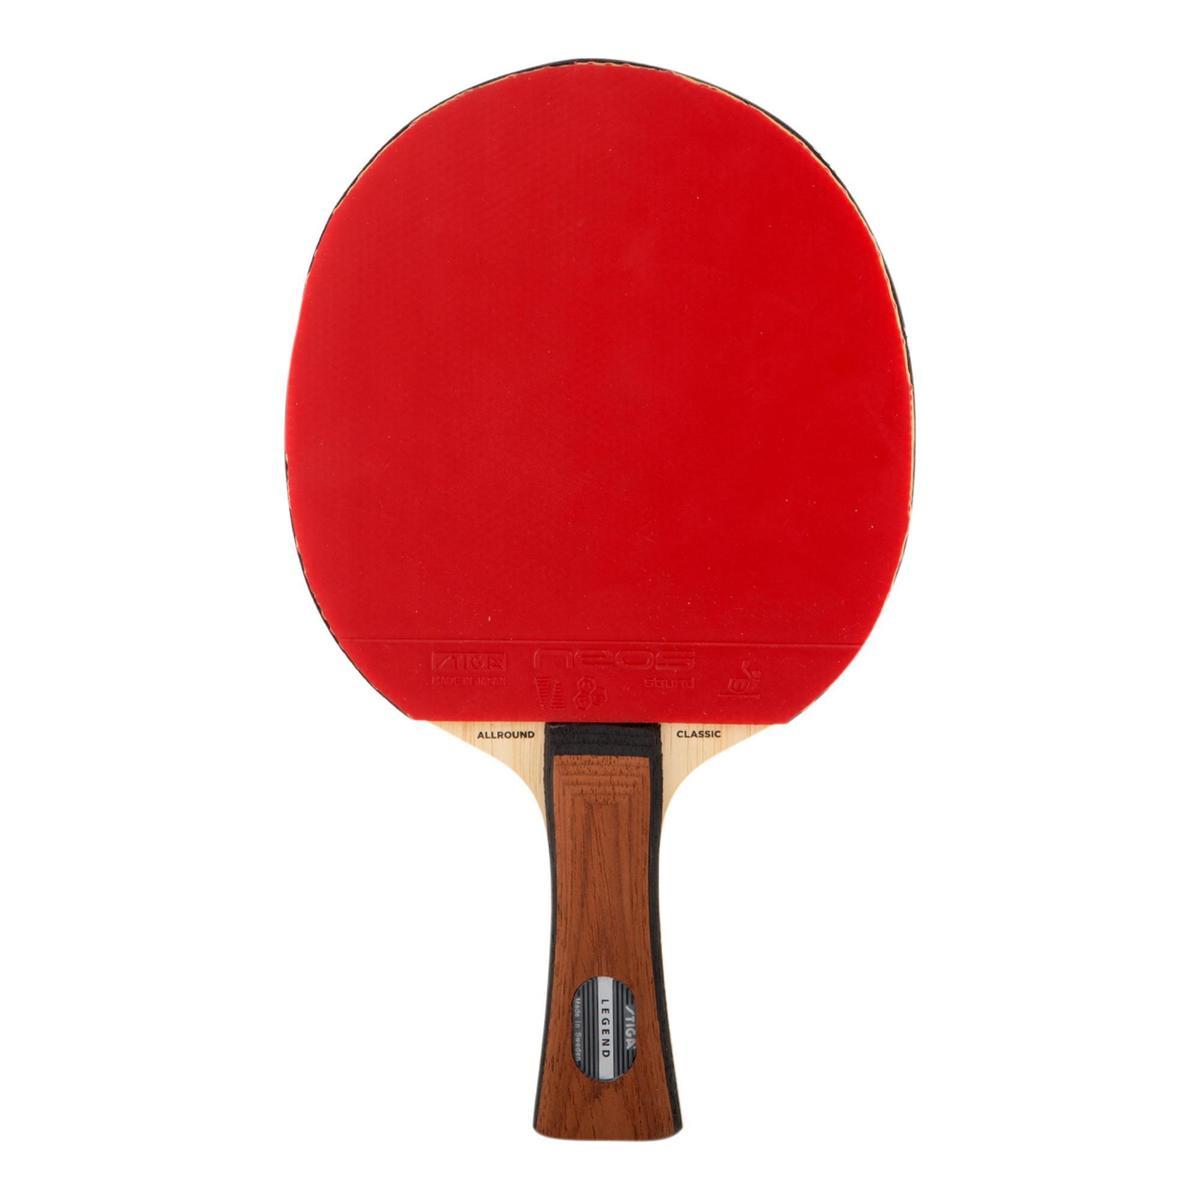 Bild 1 von Tischtennisschläger S Verein Wettkampf